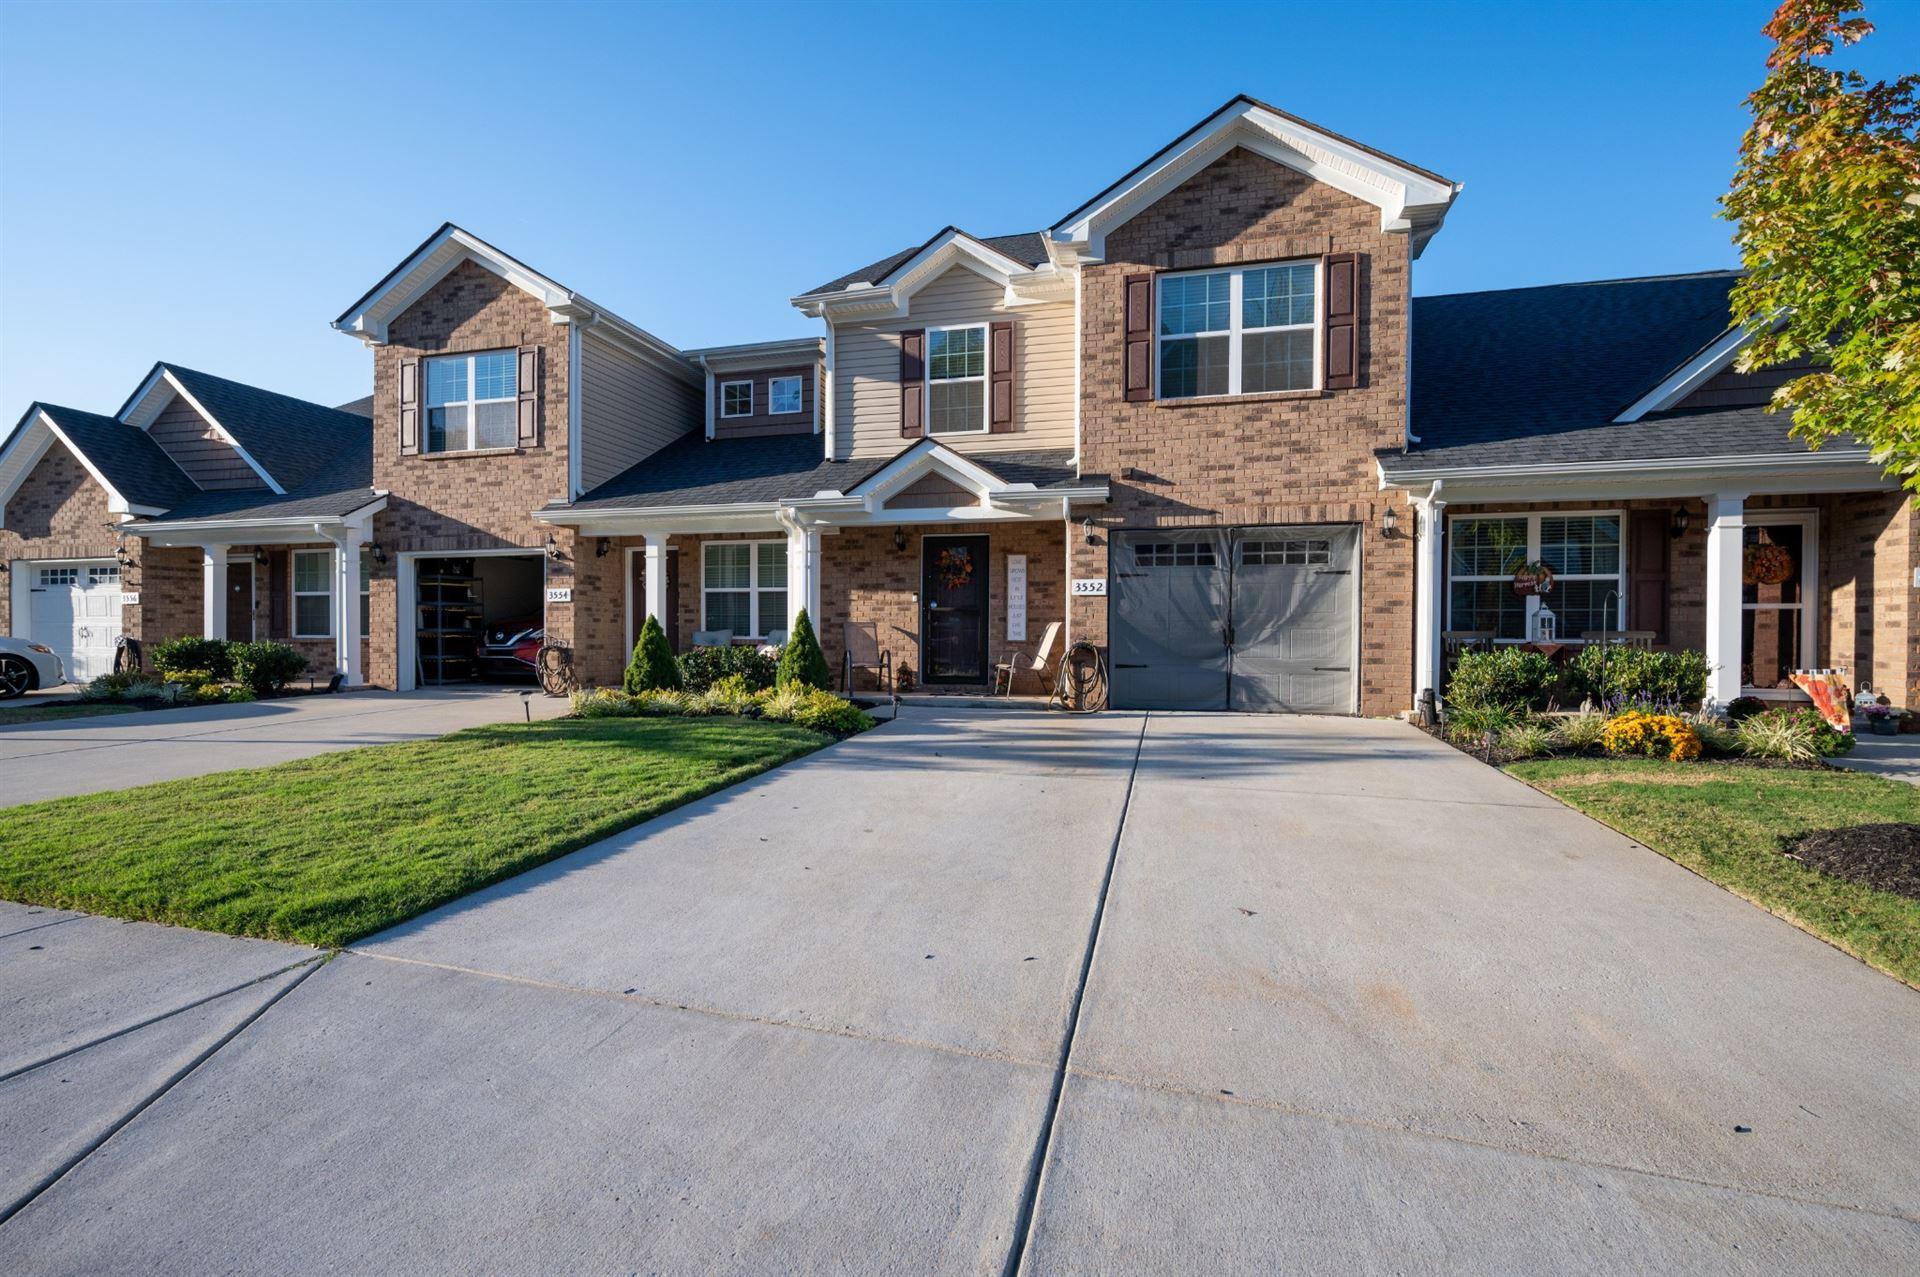 Photo of 3552 Nightshade Dr, Murfreesboro, TN 37128 (MLS # 2299883)